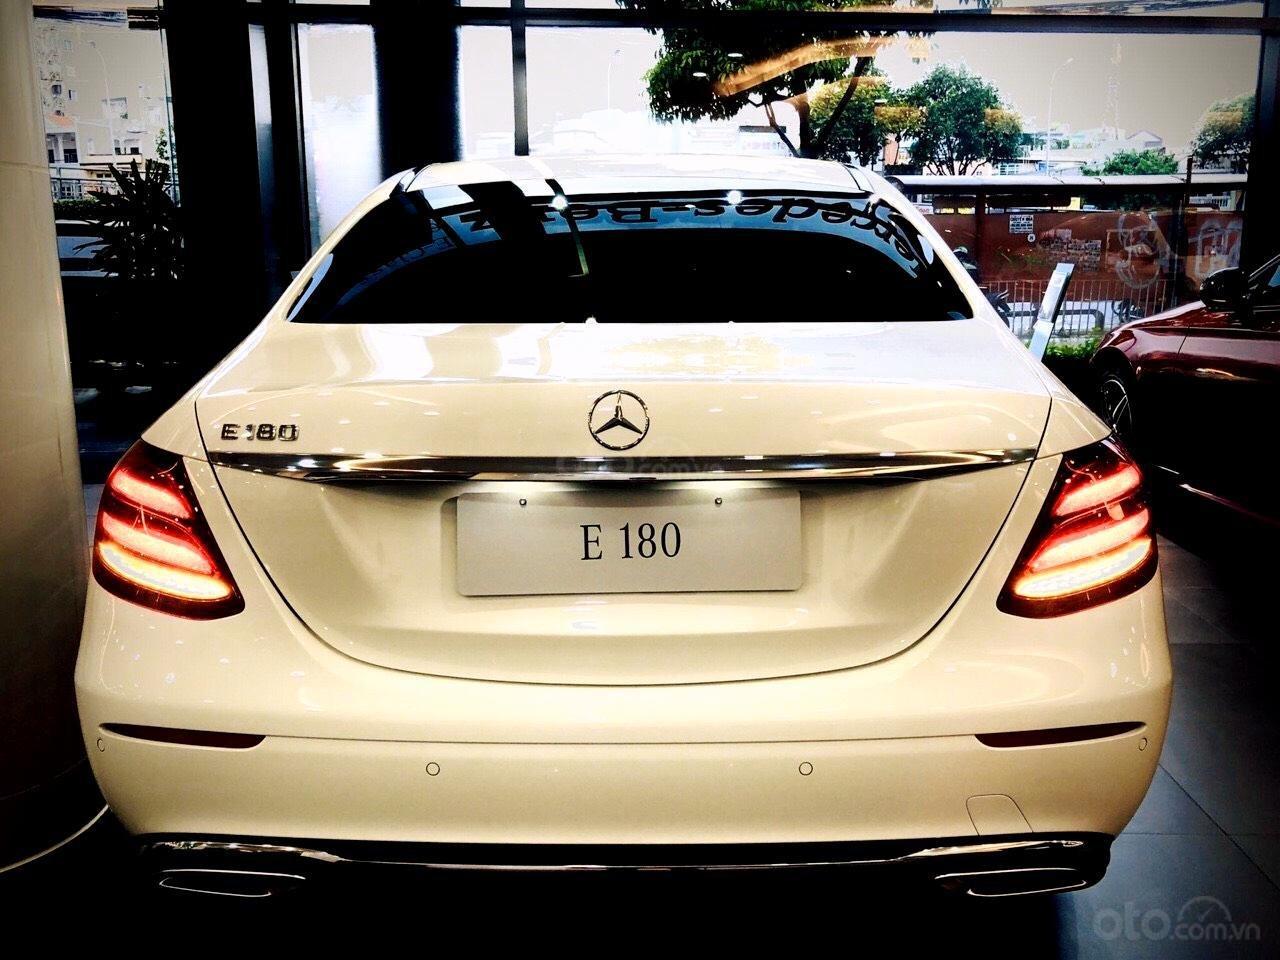 Mercedes Benz Haxaco Điện Biên Phủ, Mercedes E180 - giảm 100 triệu đến tháng 2, trả góp 80% - xe đủ màu giao ngay (5)